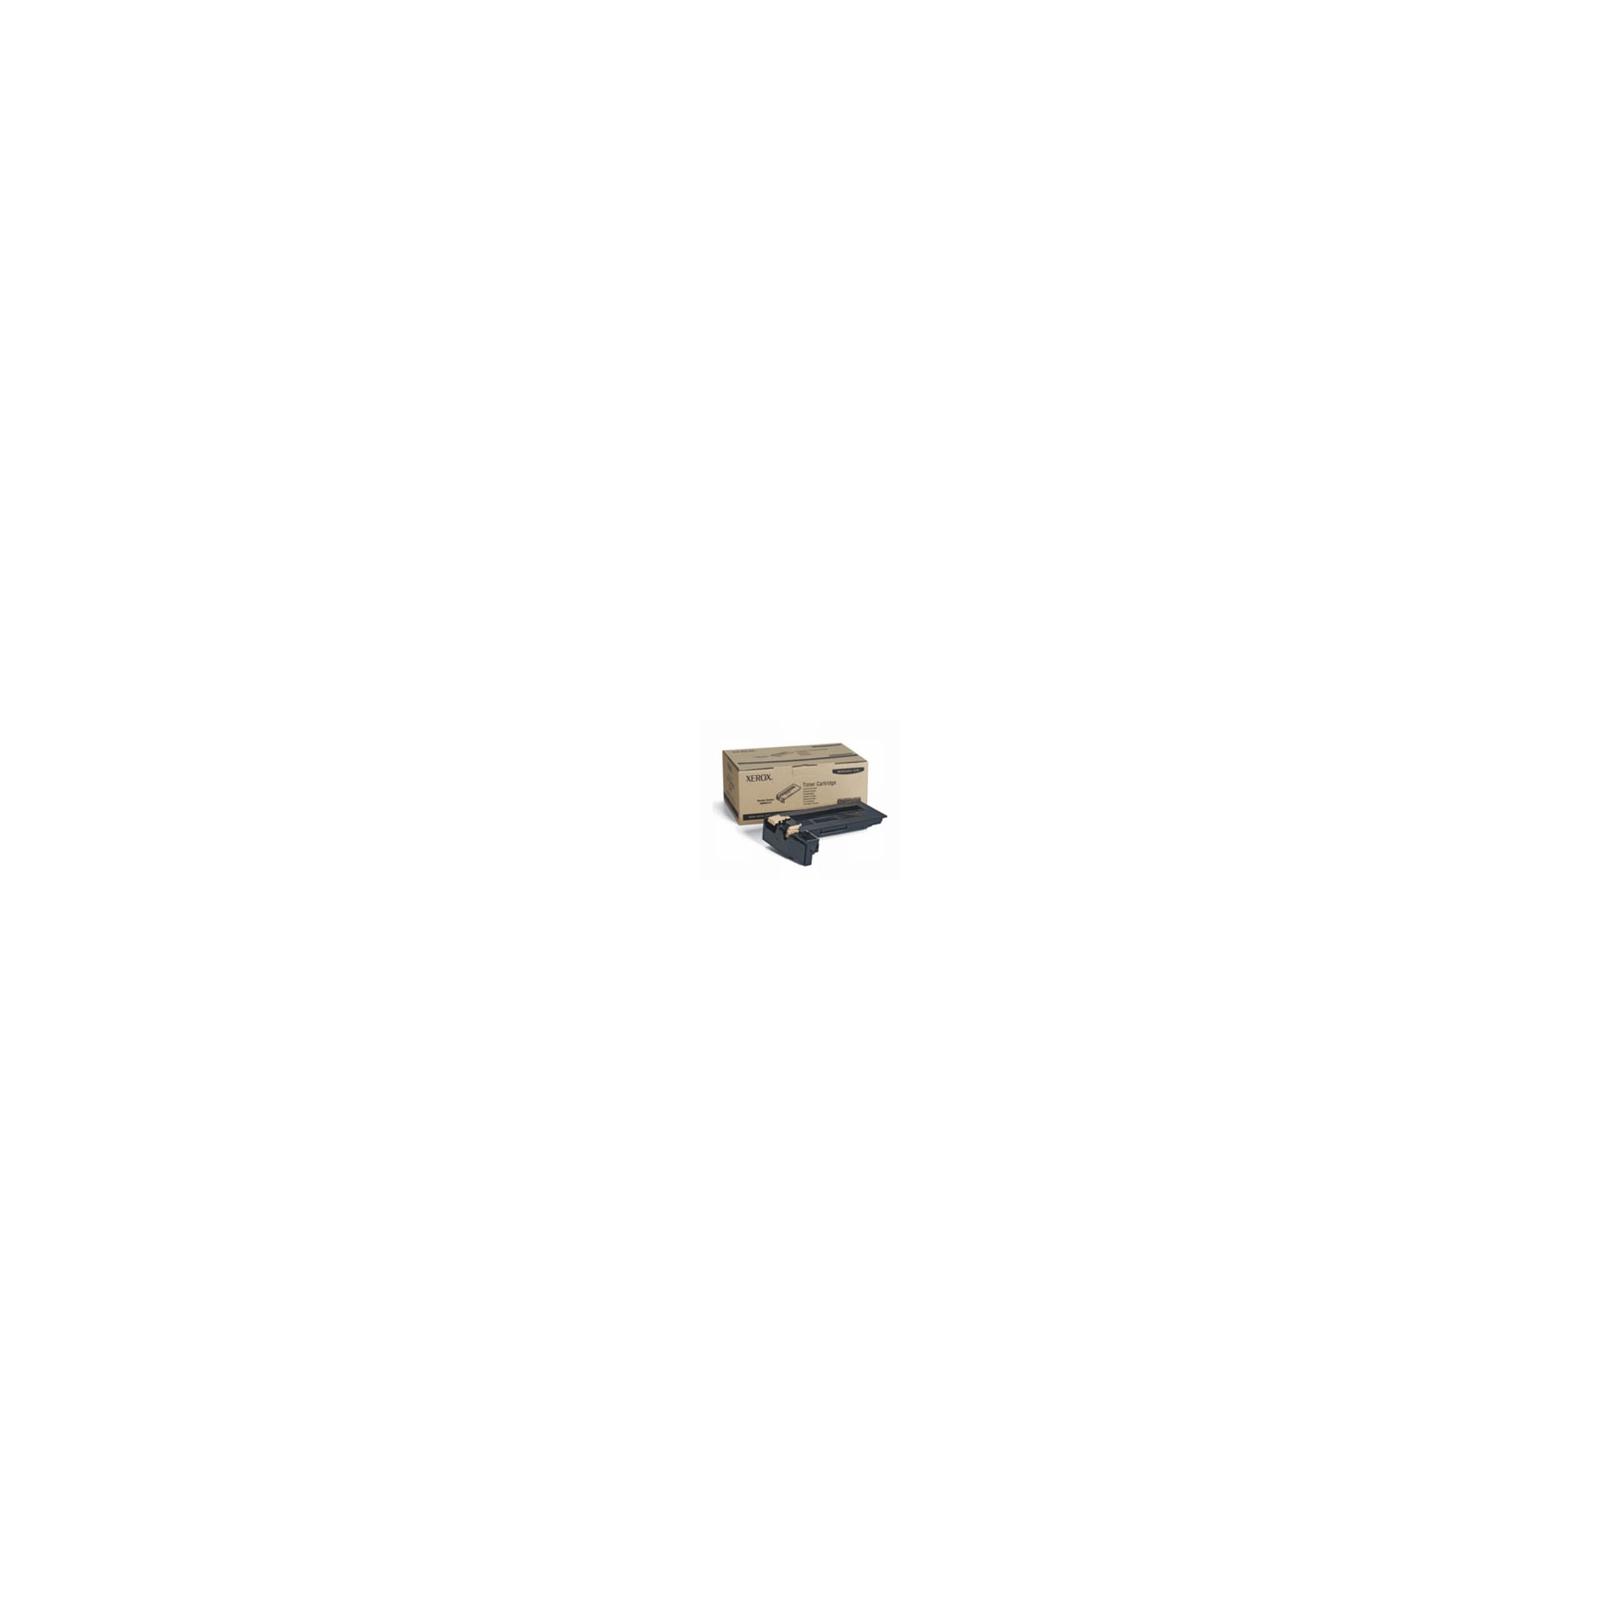 Тонер-картридж XEROX WC 4150 (006R01276)